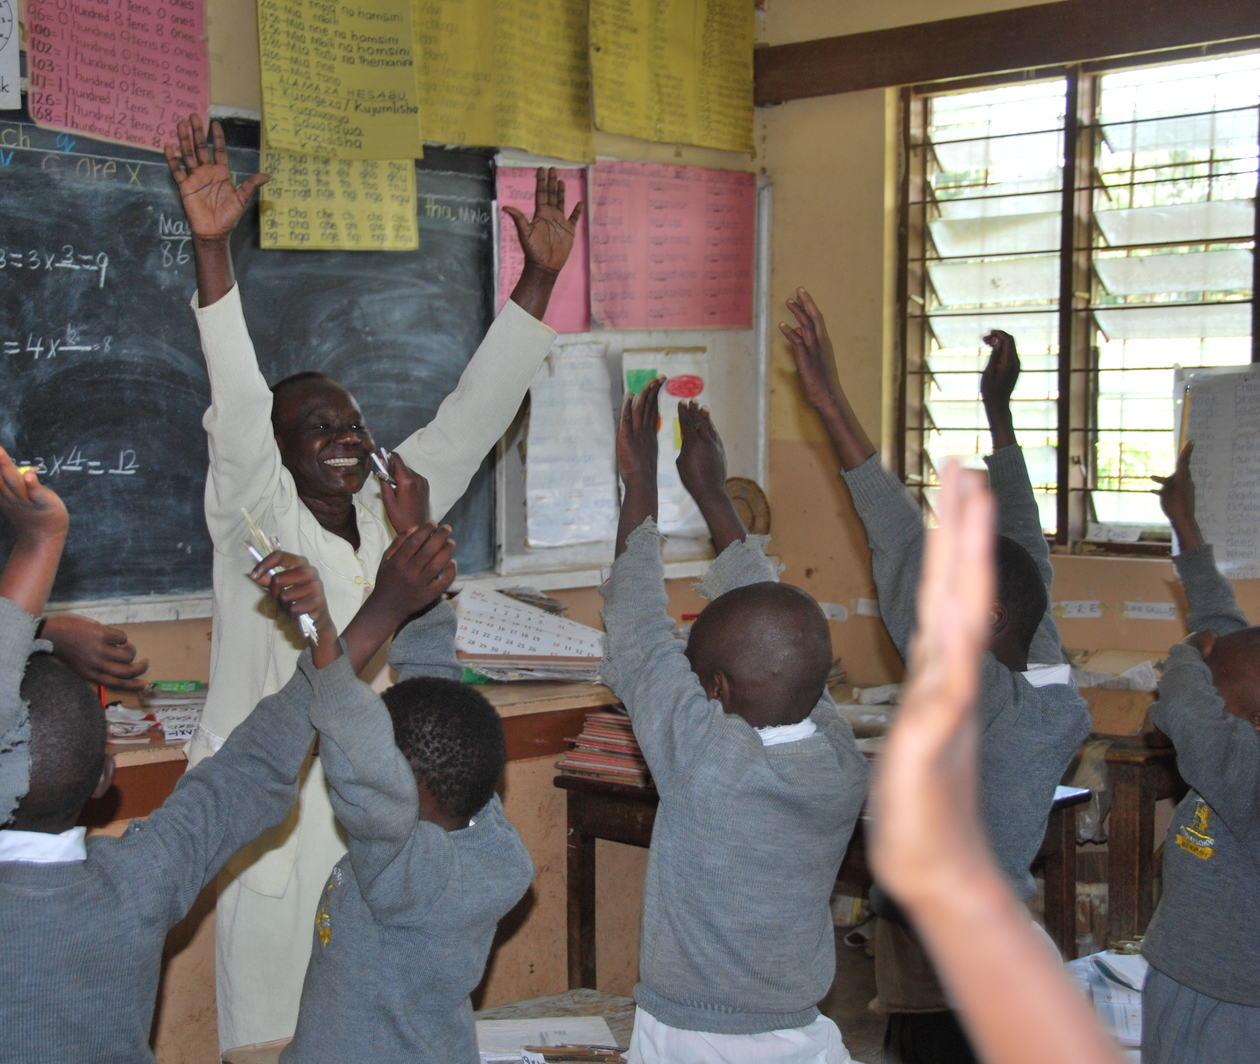 Making Teacher Education Relevant for 21st Century Africa